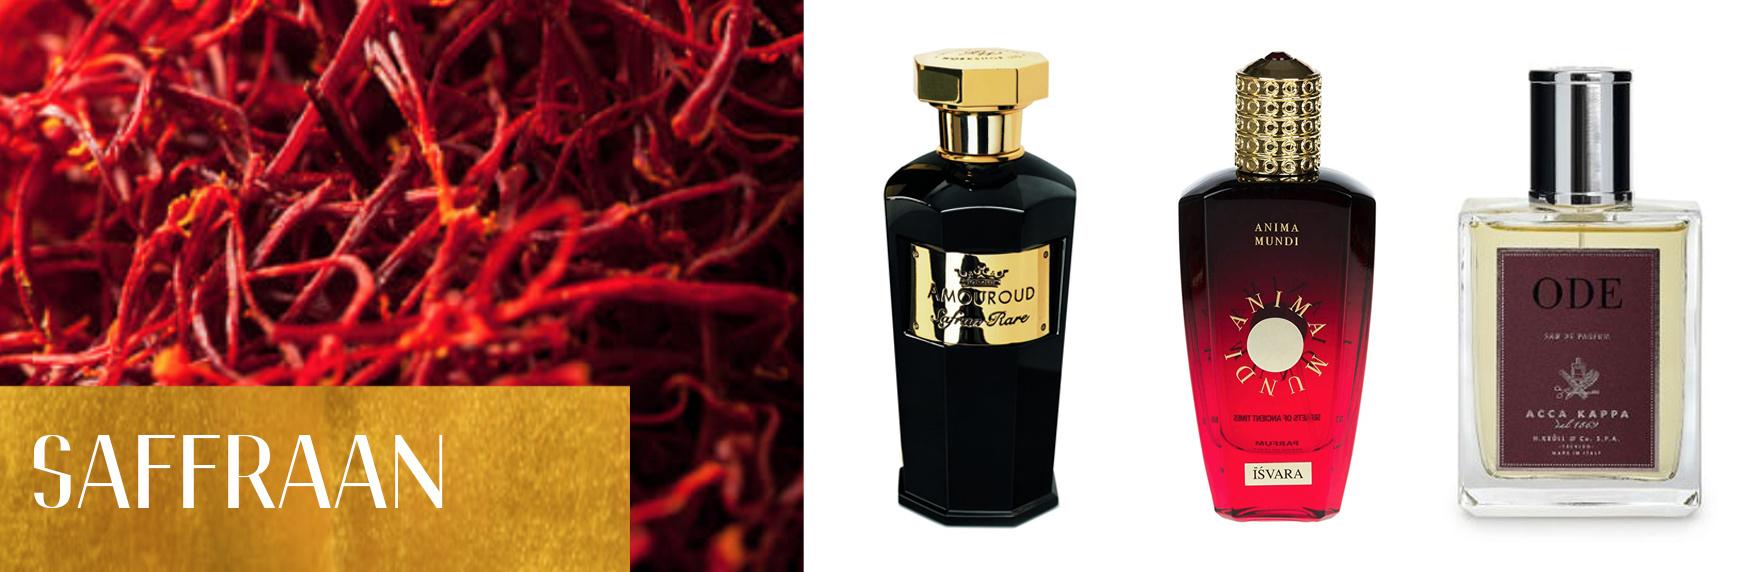 Parfum Ingrediënten: Saffraan